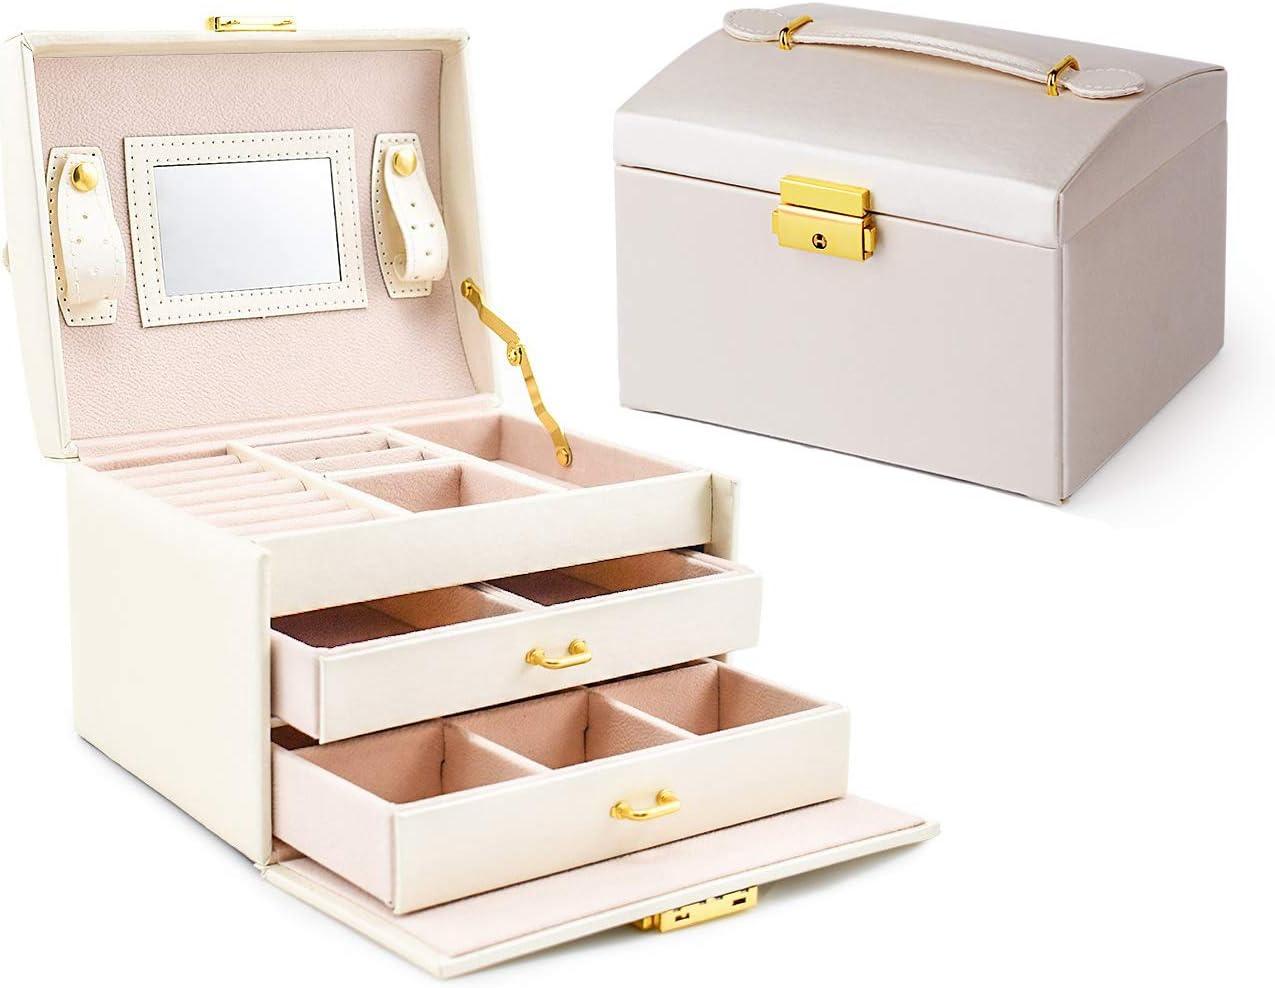 Asvert Caja Joyero Organizador de Joyerías 3 Niveles Cuero con Espejo para Pendientes, Pulseras, Anillos, Almacenamiento y Expositor 17.5x14x13cm, Blanco Perlado